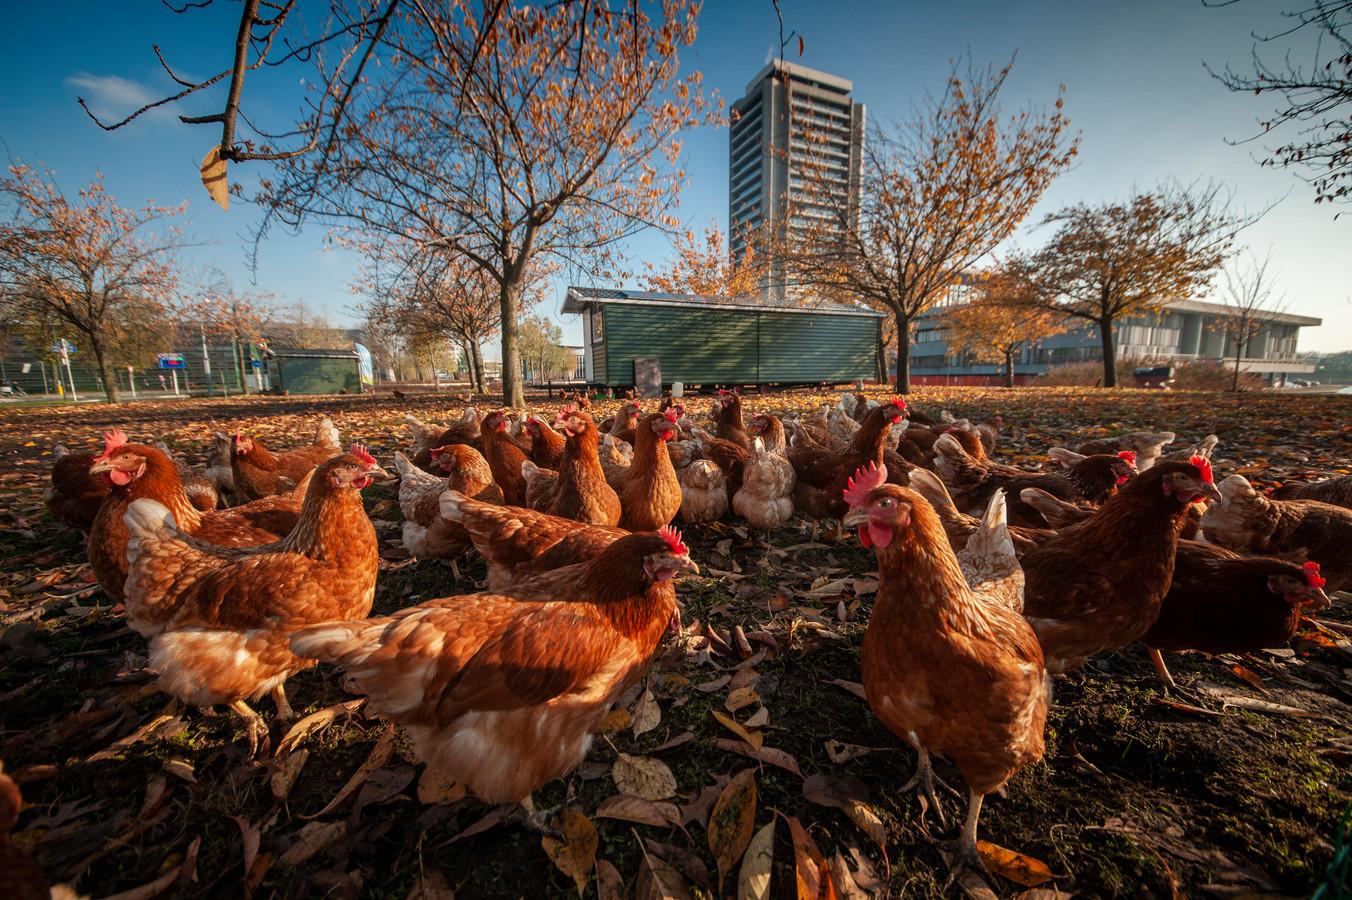 Kippen kiezen eieren voor hun geld: ze worden geen dierlijk schild voor protesterende boeren en hun tractoren.